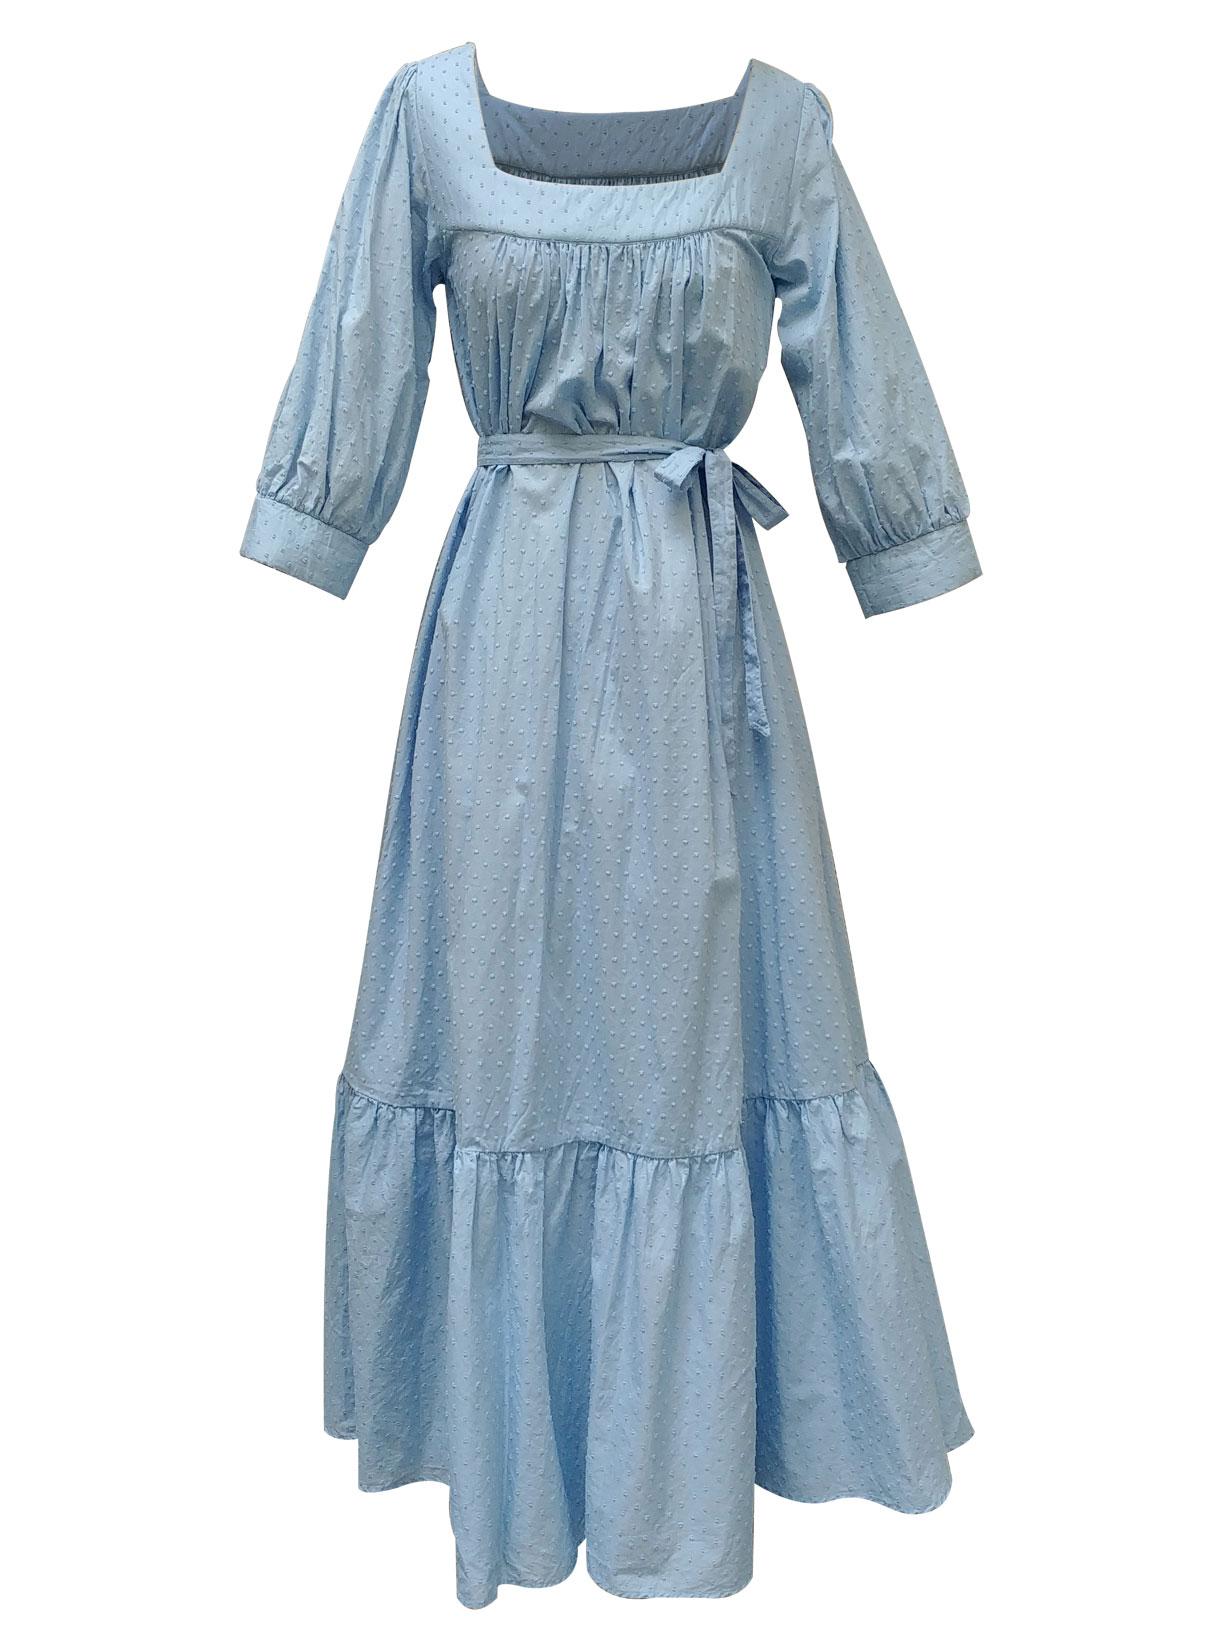 Robe longue romantique en plumetis bleu bio - Myphilosophy